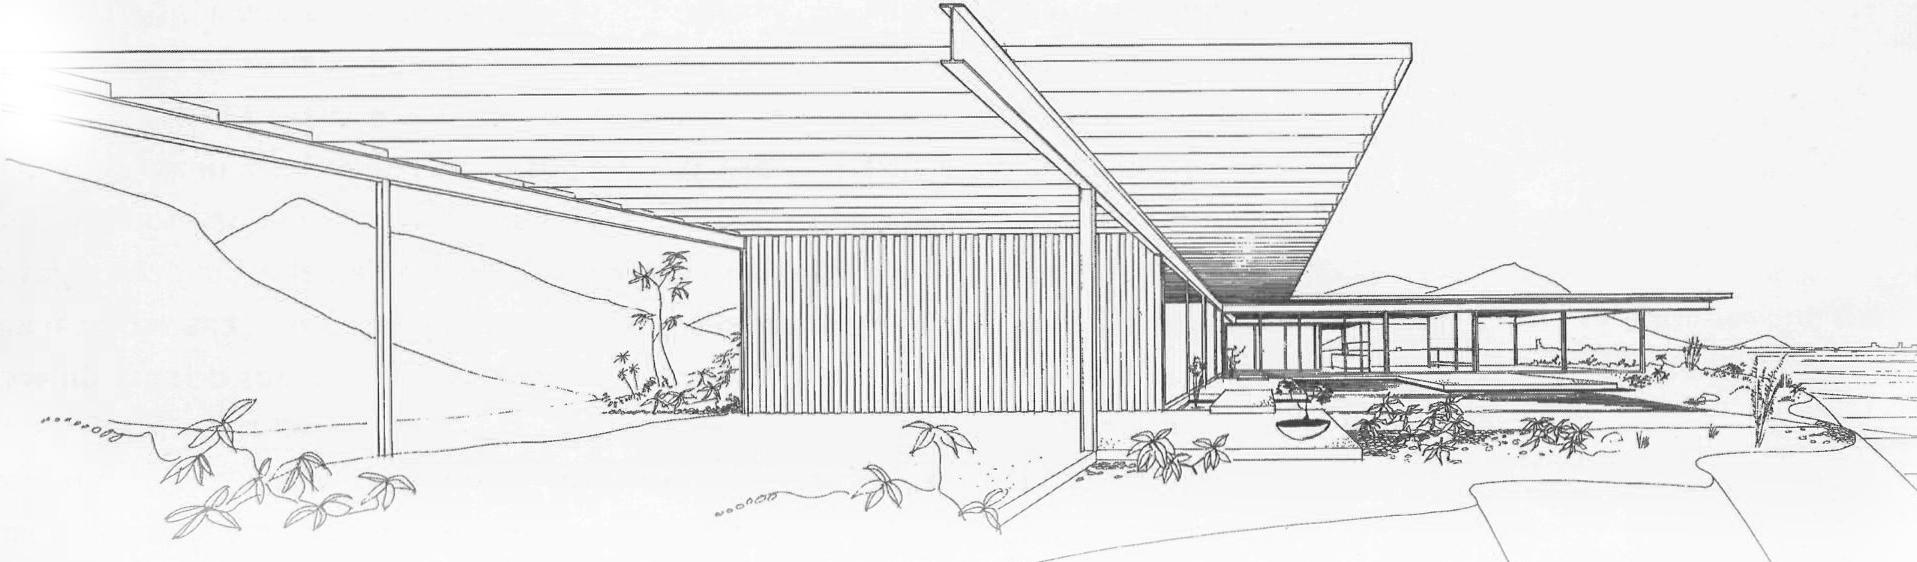 arquitectura-america-csh22